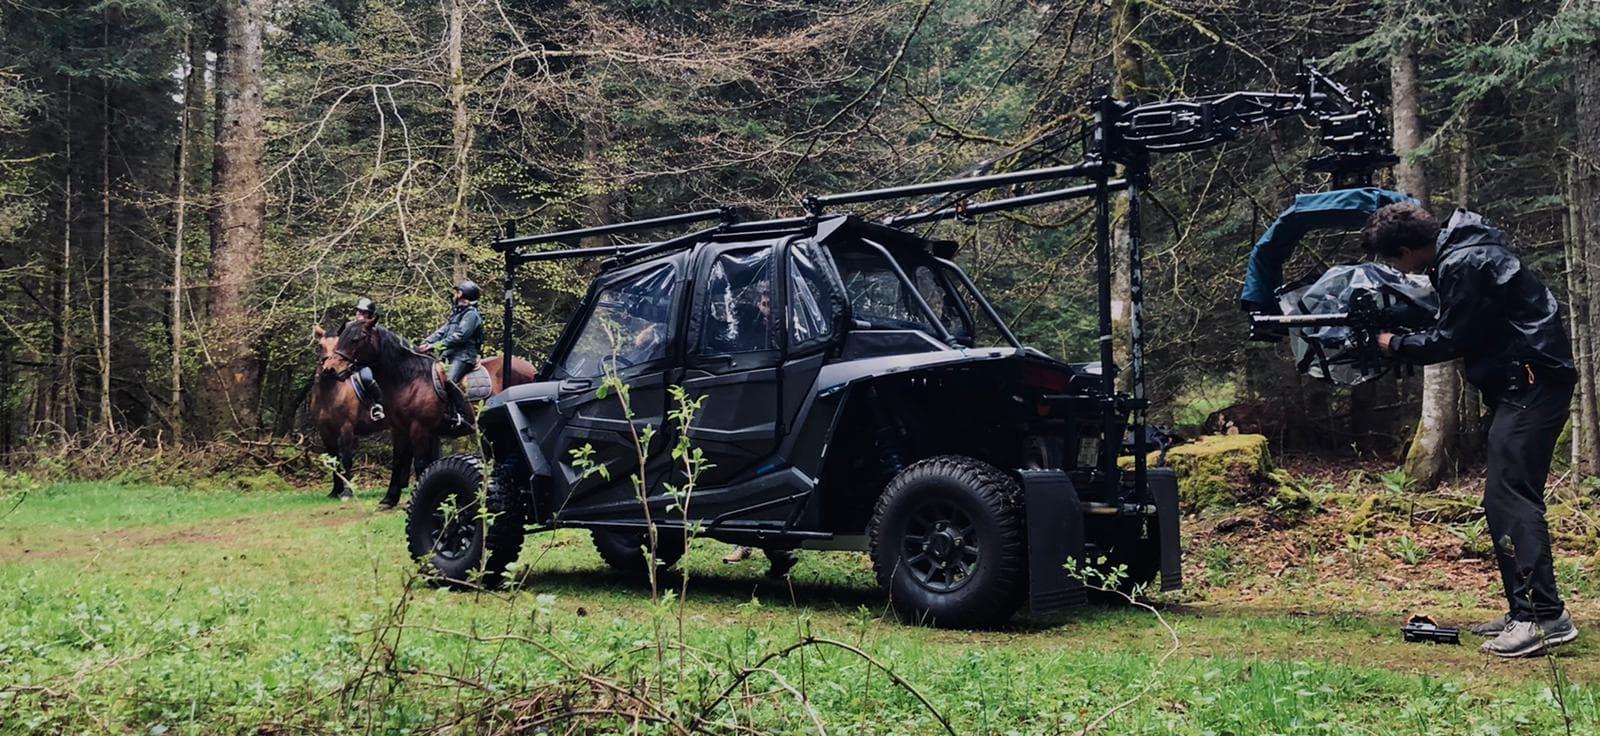 ATV Black arm